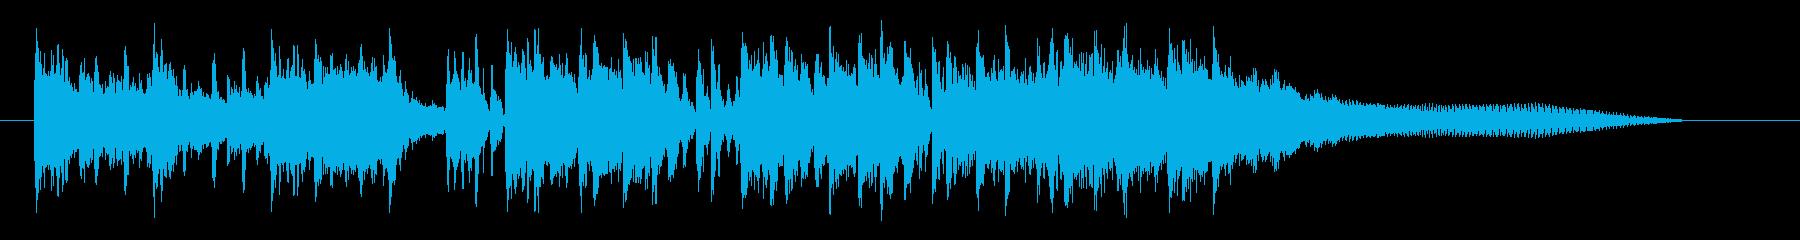 神秘的でリズミカルなシンセジングルの再生済みの波形